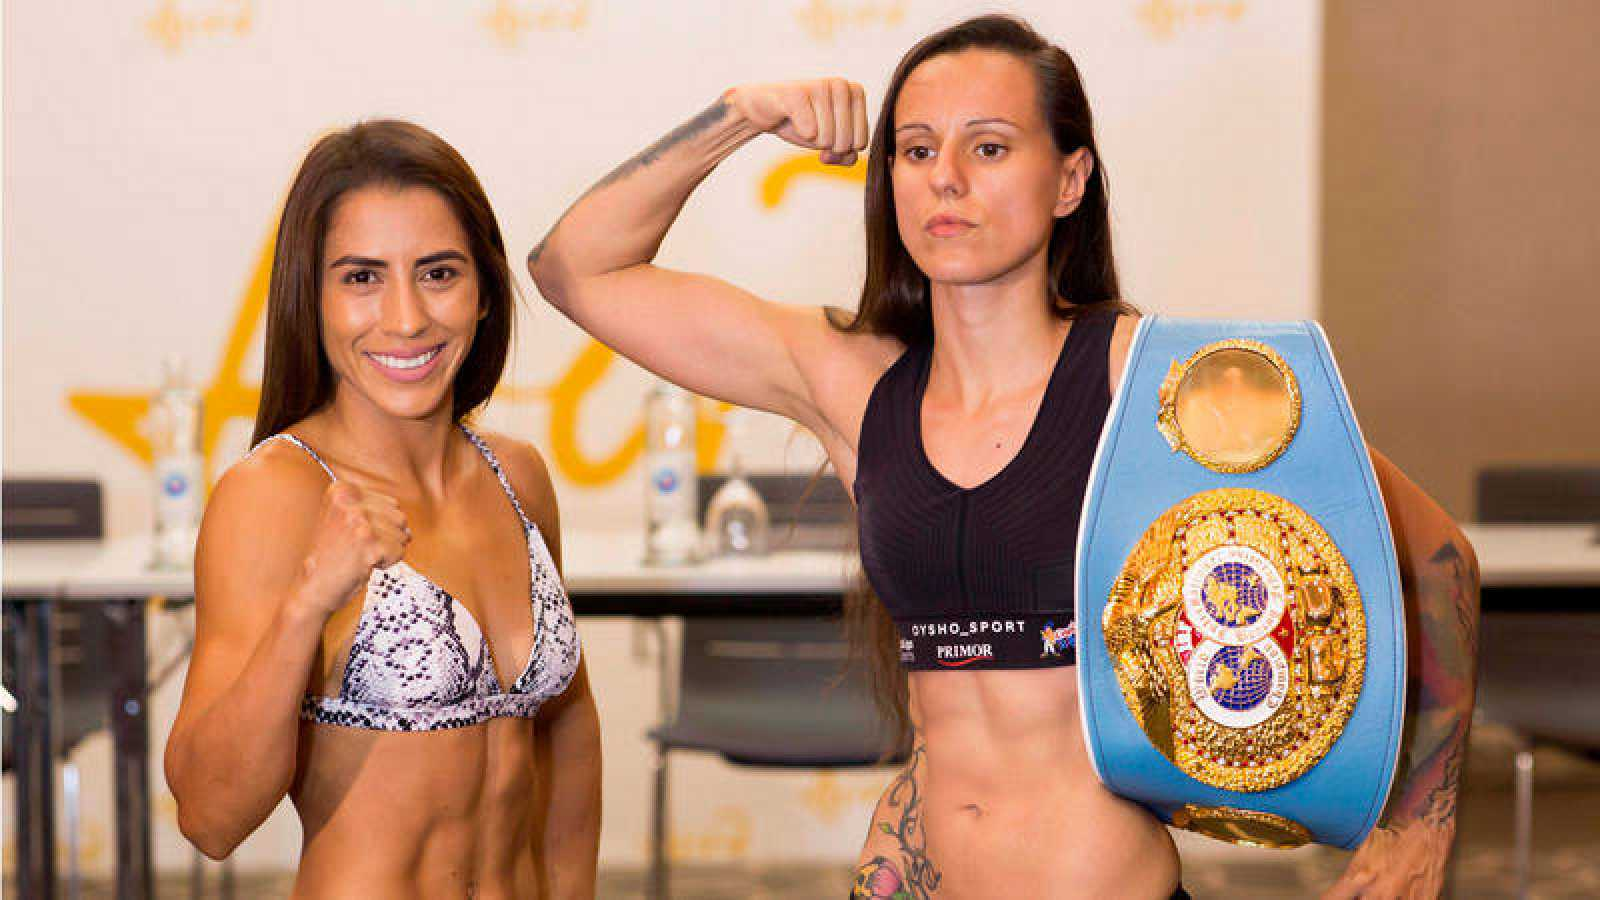 Joana Pastrana Pierde Su Corona Mundial De Boxeo Ante: La Boxeadora Española Joana Pastrana Pierde El Título